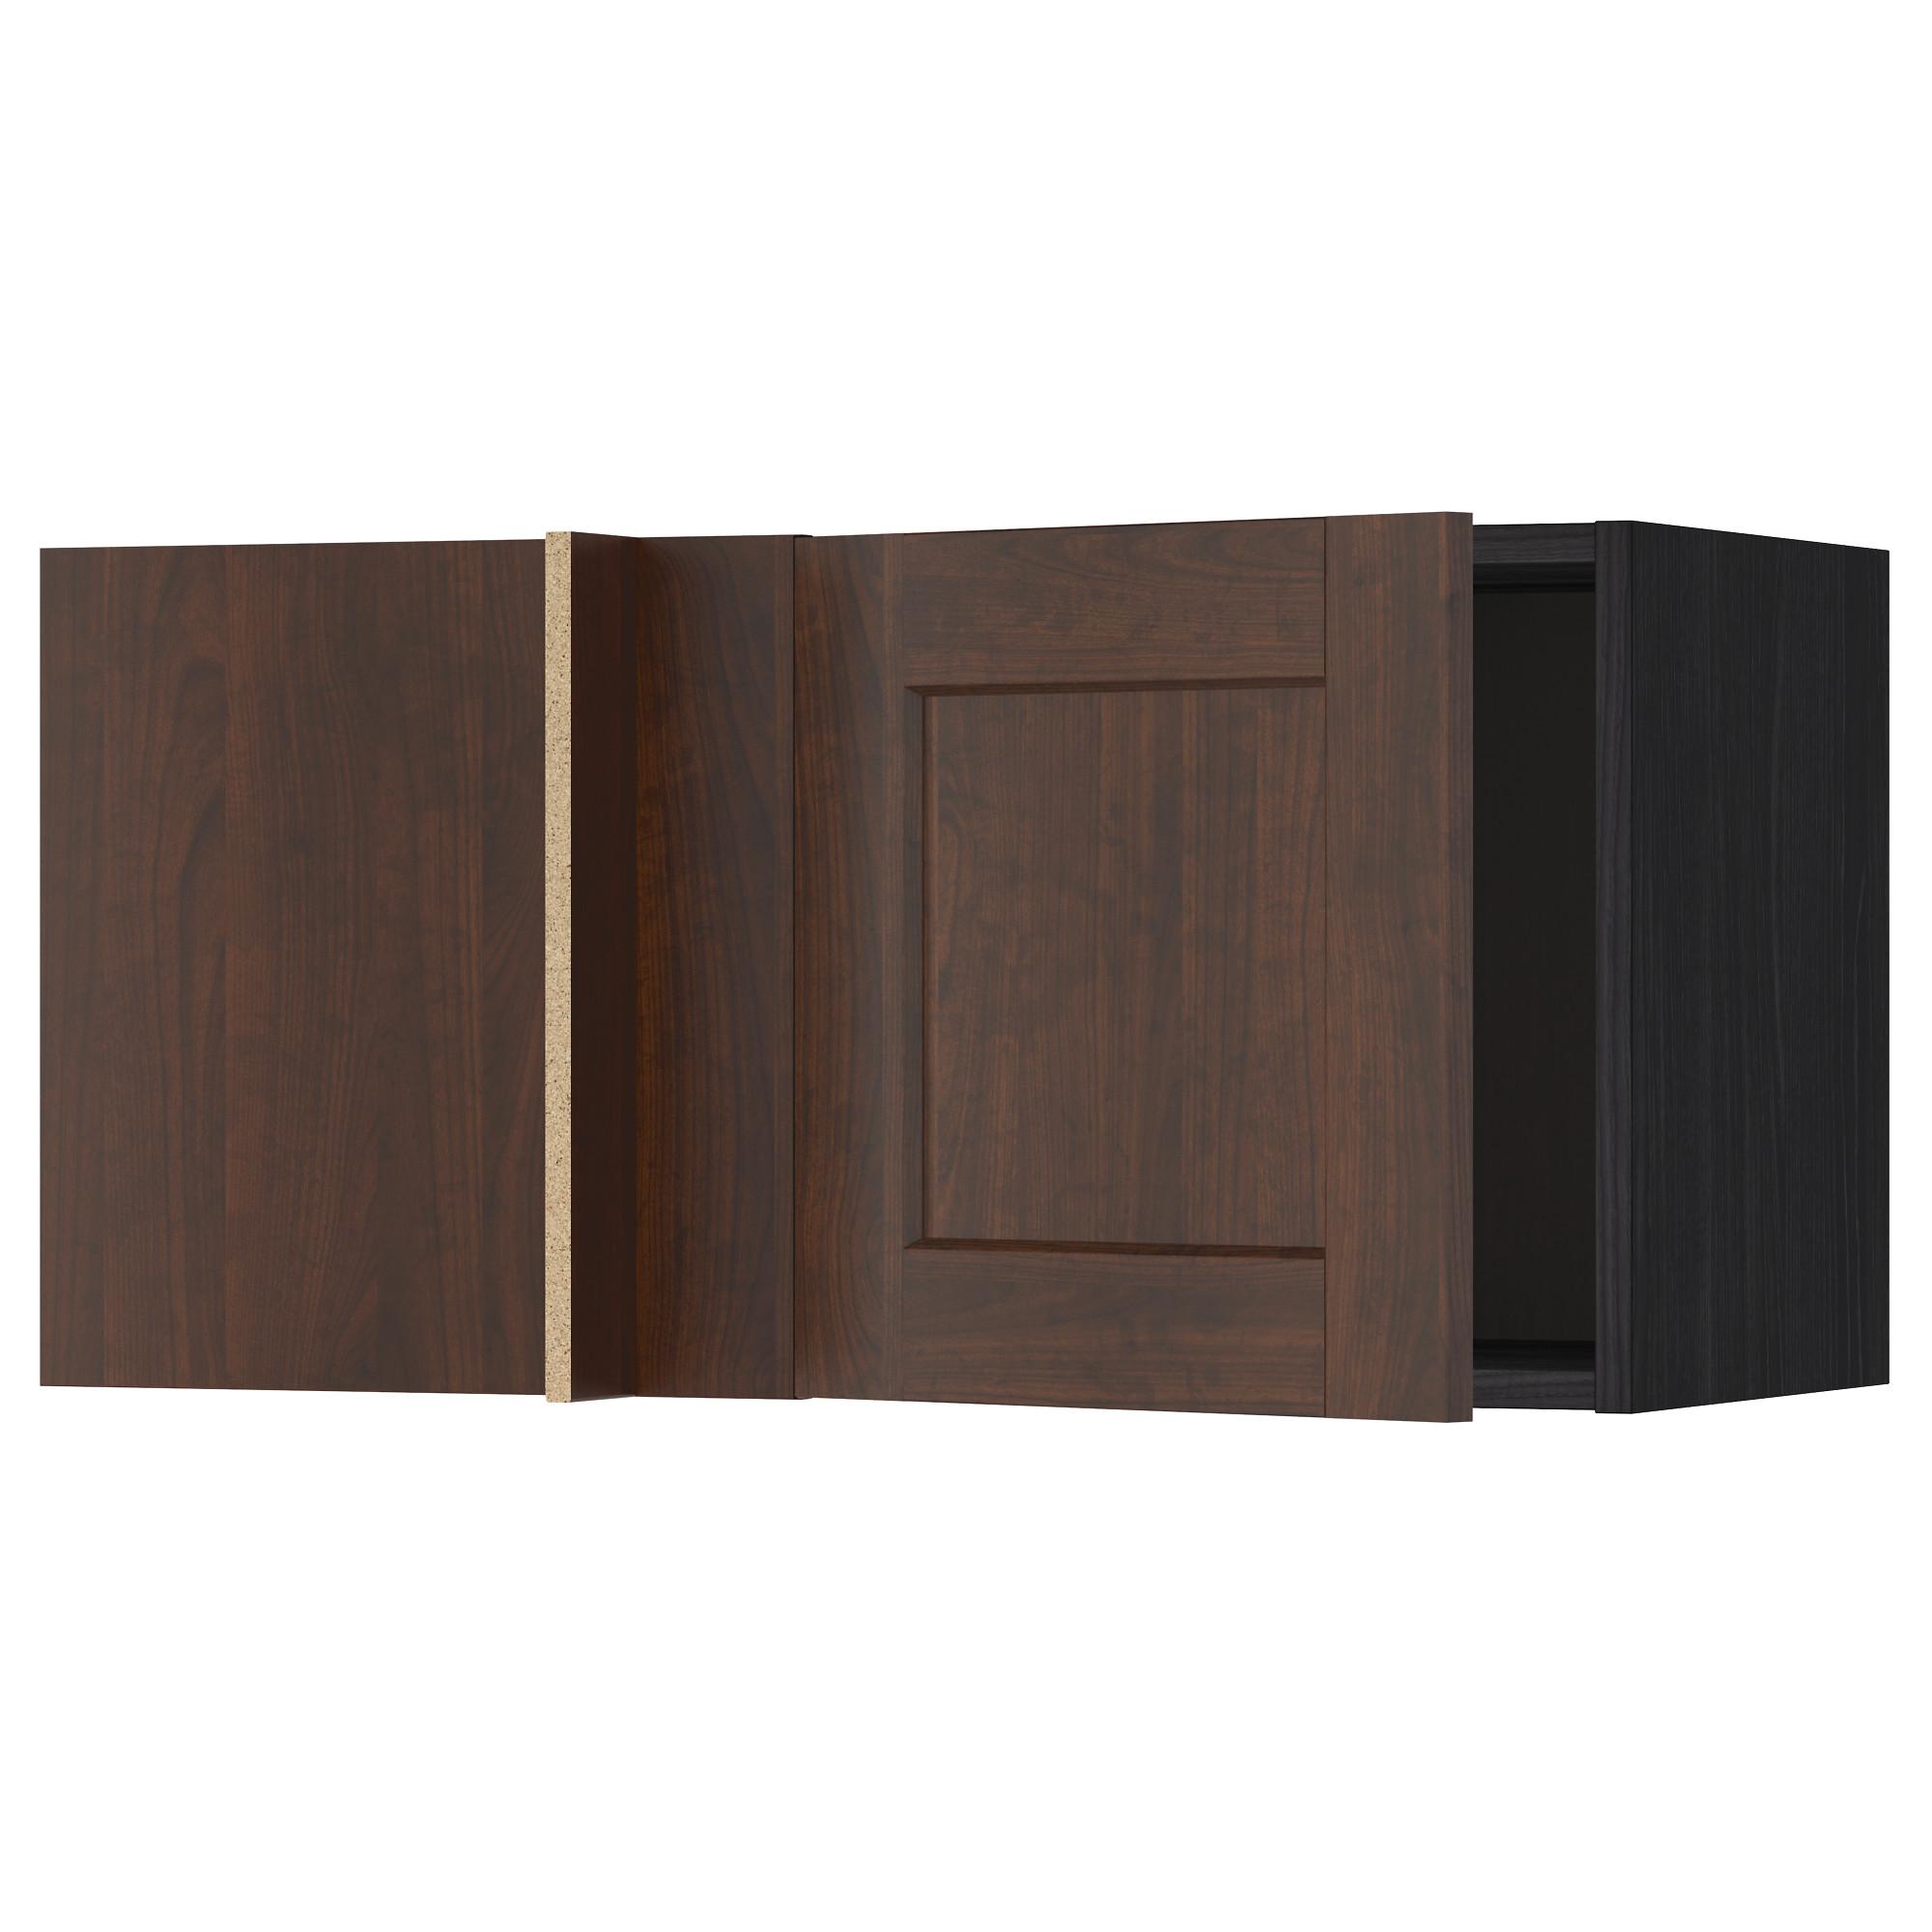 Шкаф навесной угловой МЕТОД черный артикуль № 992.264.15 в наличии. Онлайн каталог IKEA Республика Беларусь. Недорогая доставка и монтаж.